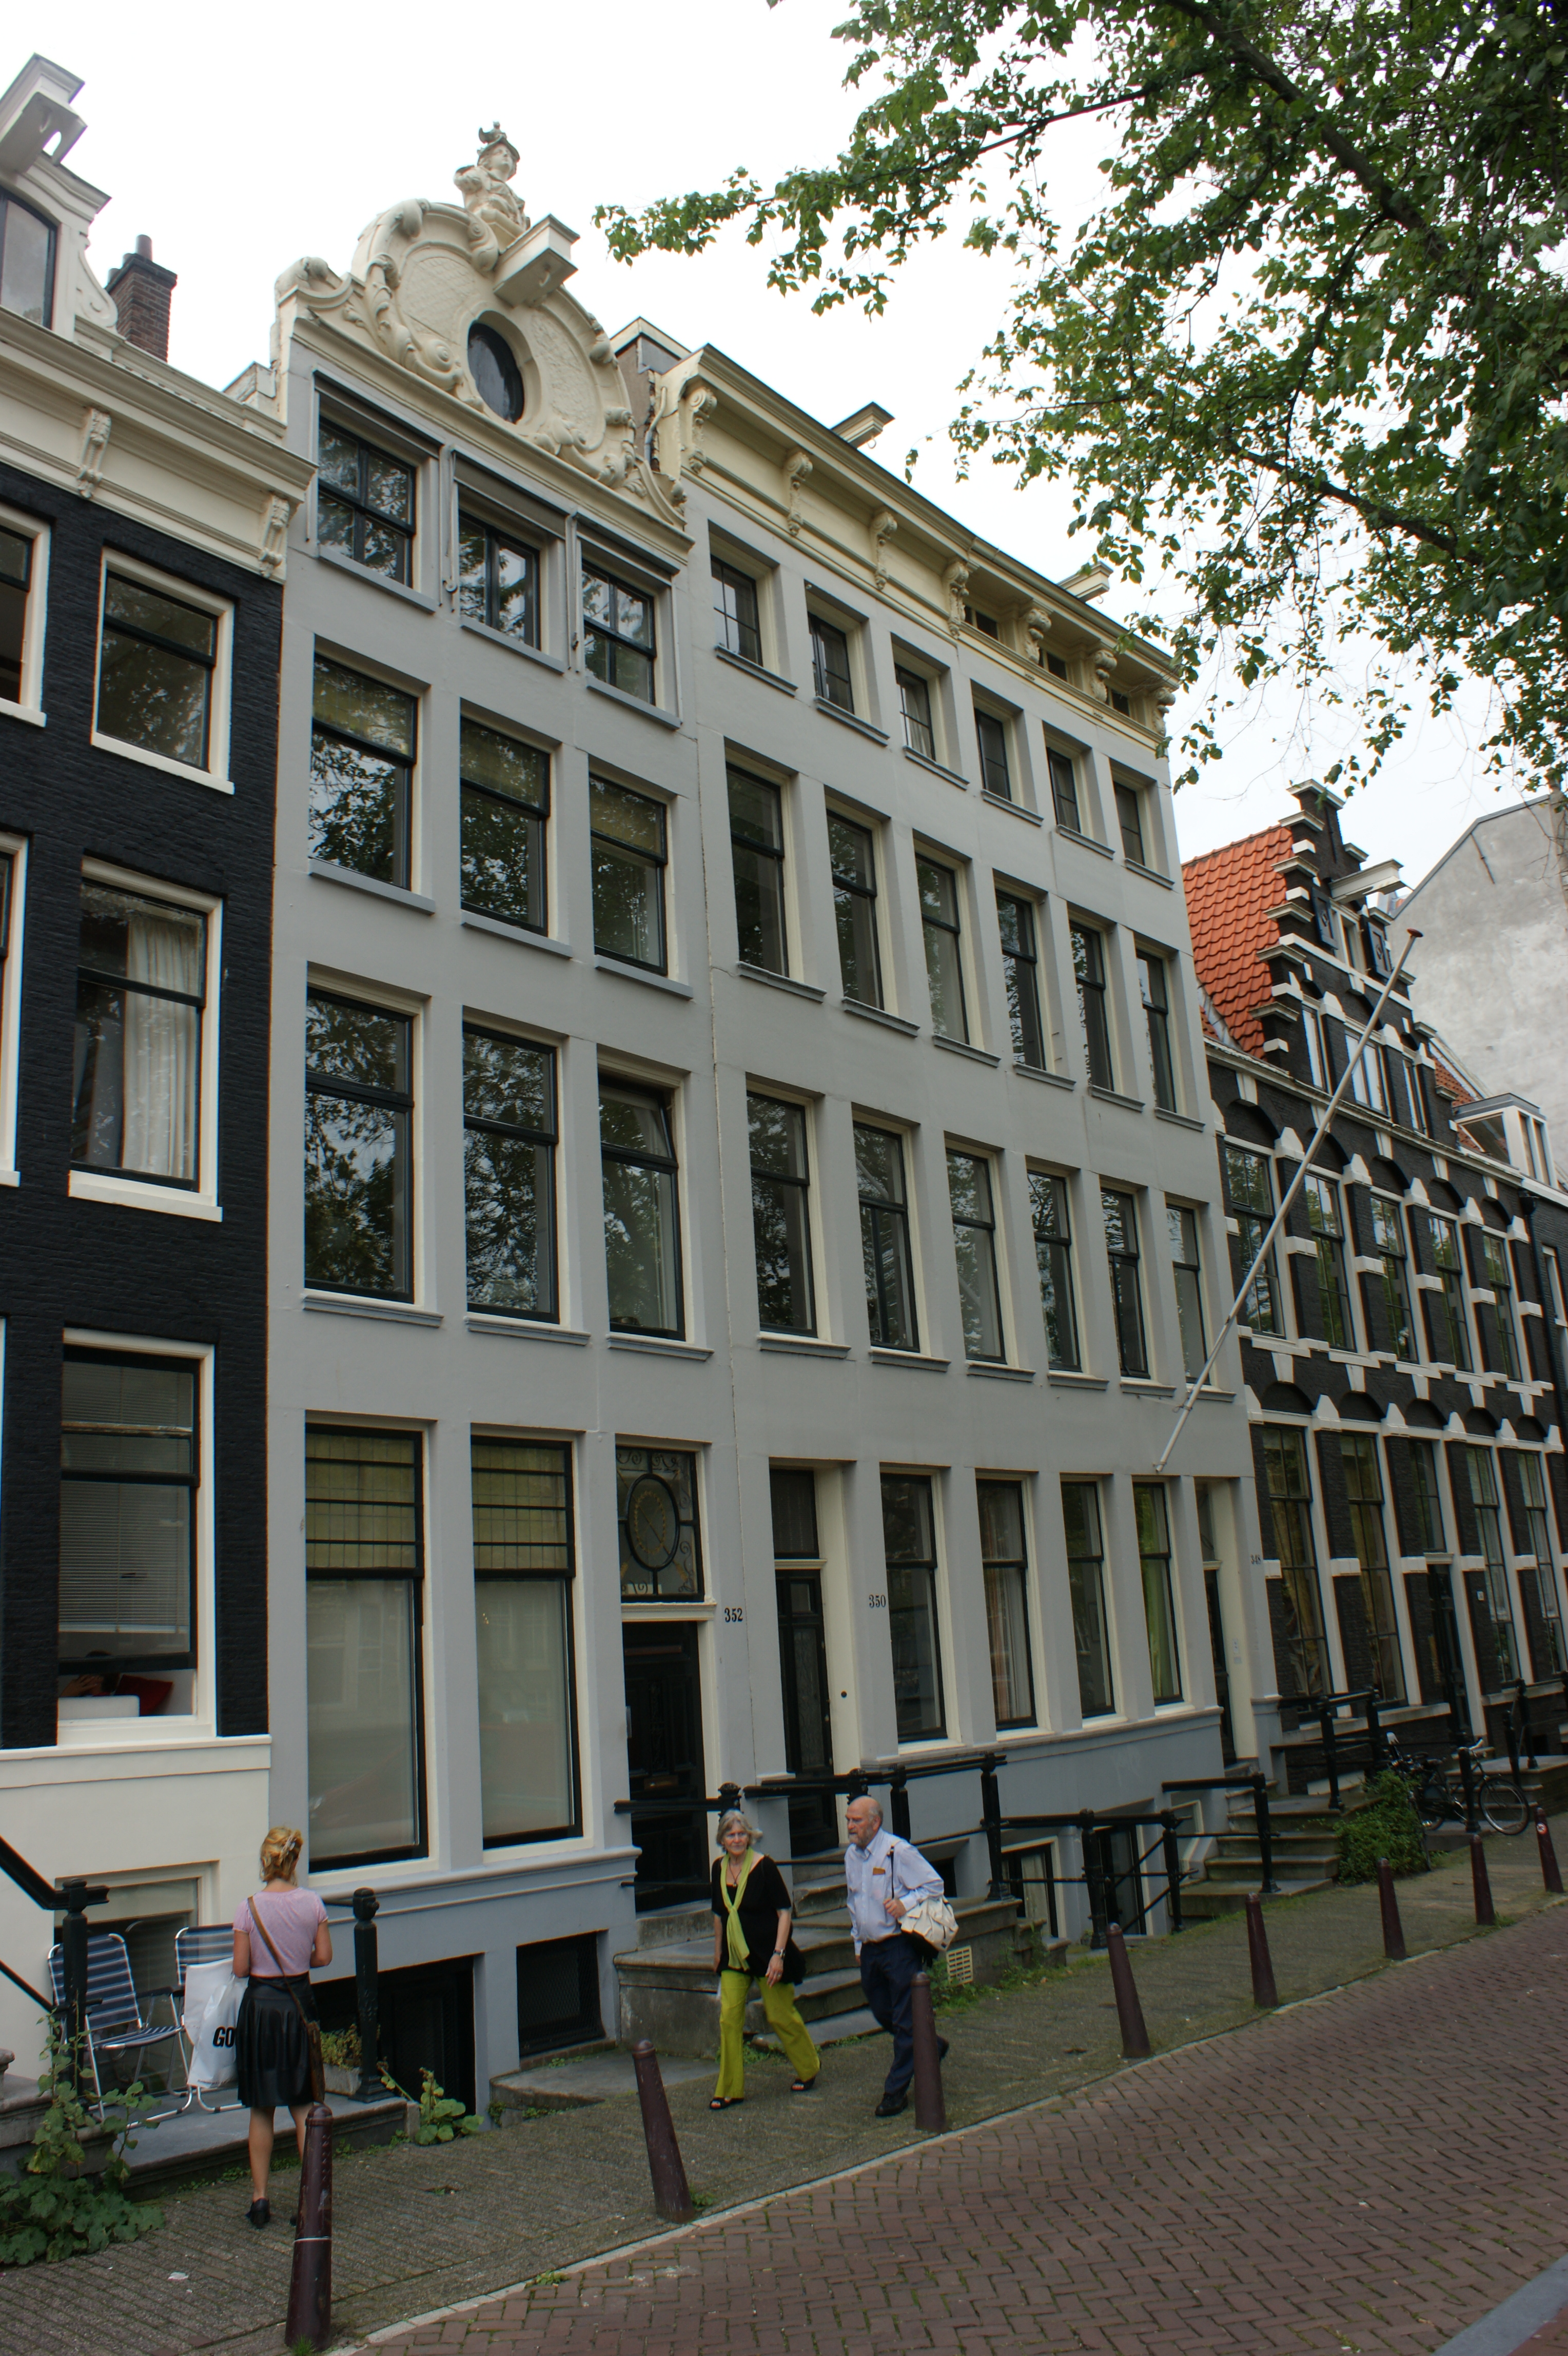 Pand met zandstenen gevel onder houten lijst met consoles for Herengracht amsterdam